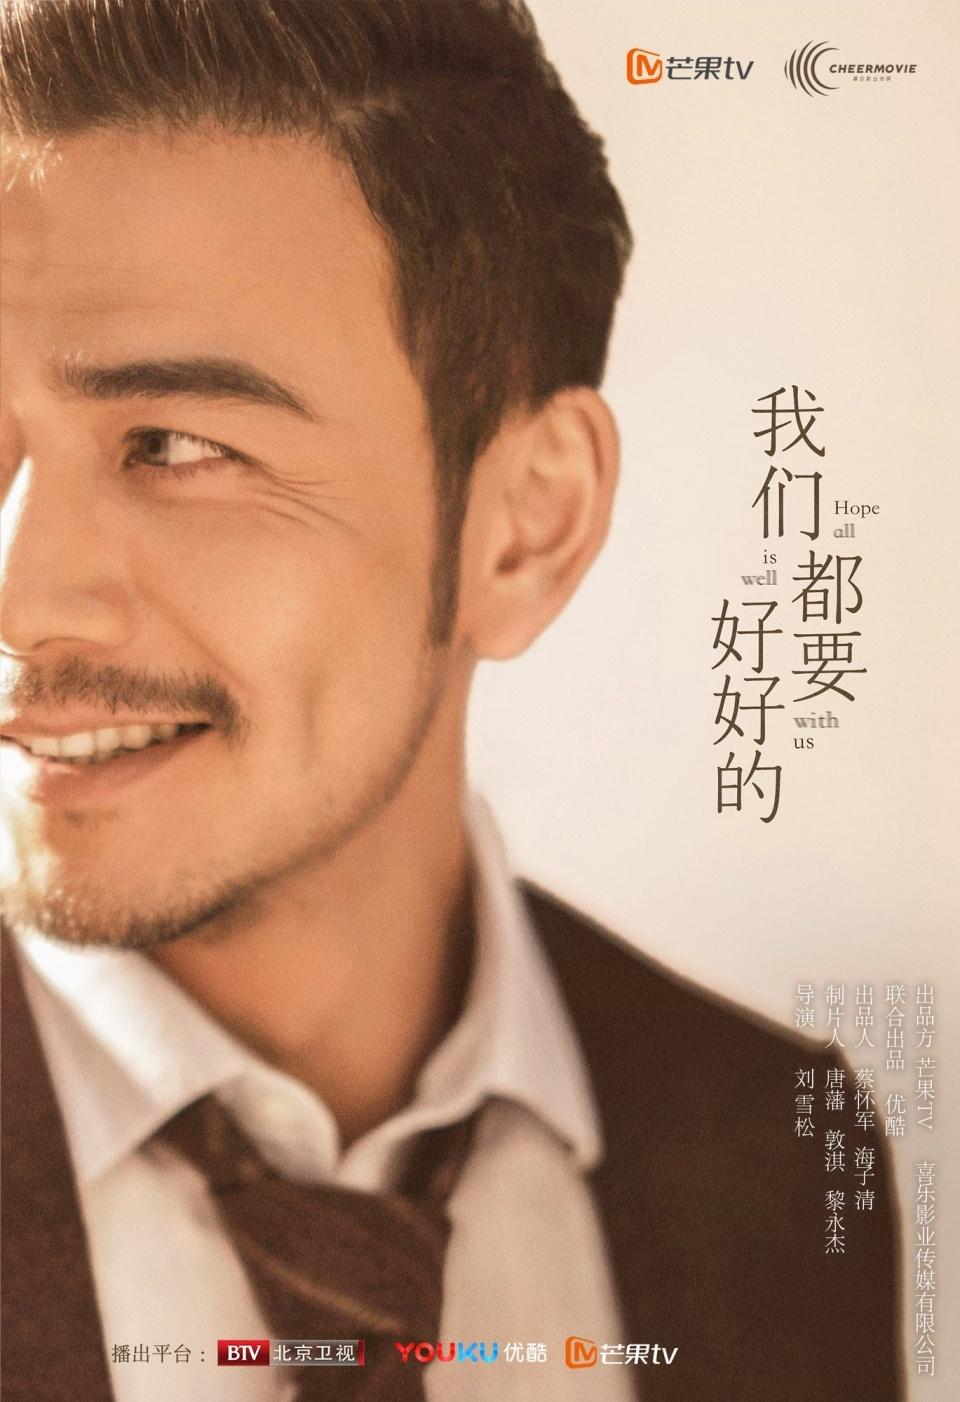 杨烁口碑崩塌,和刘涛主演的《我们都要好好的》你们会追剧吗?